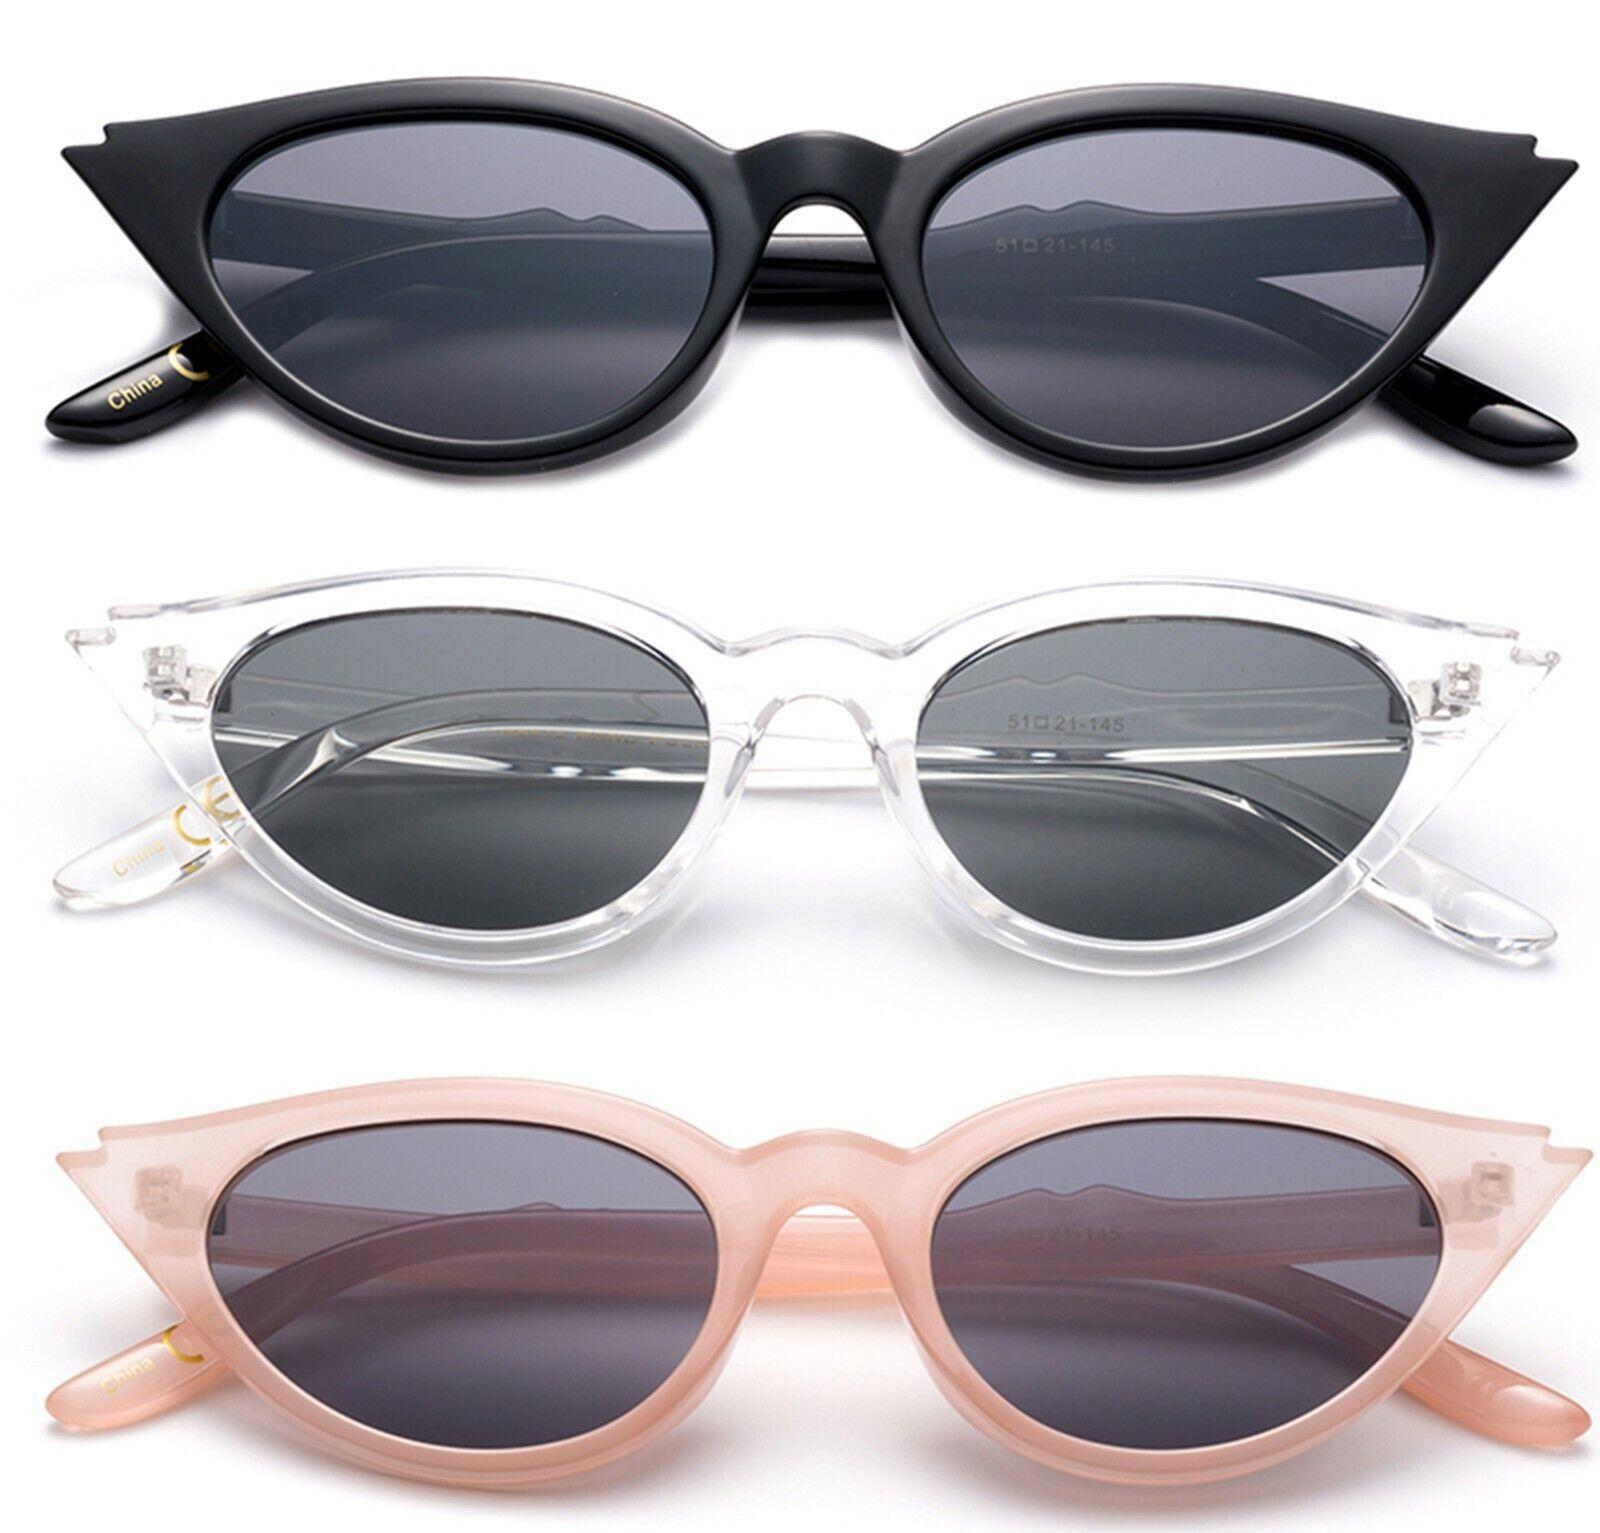 3 Pack Plastic Frame Butterfly Cat eye Fashion Sunglasses for Women UV400